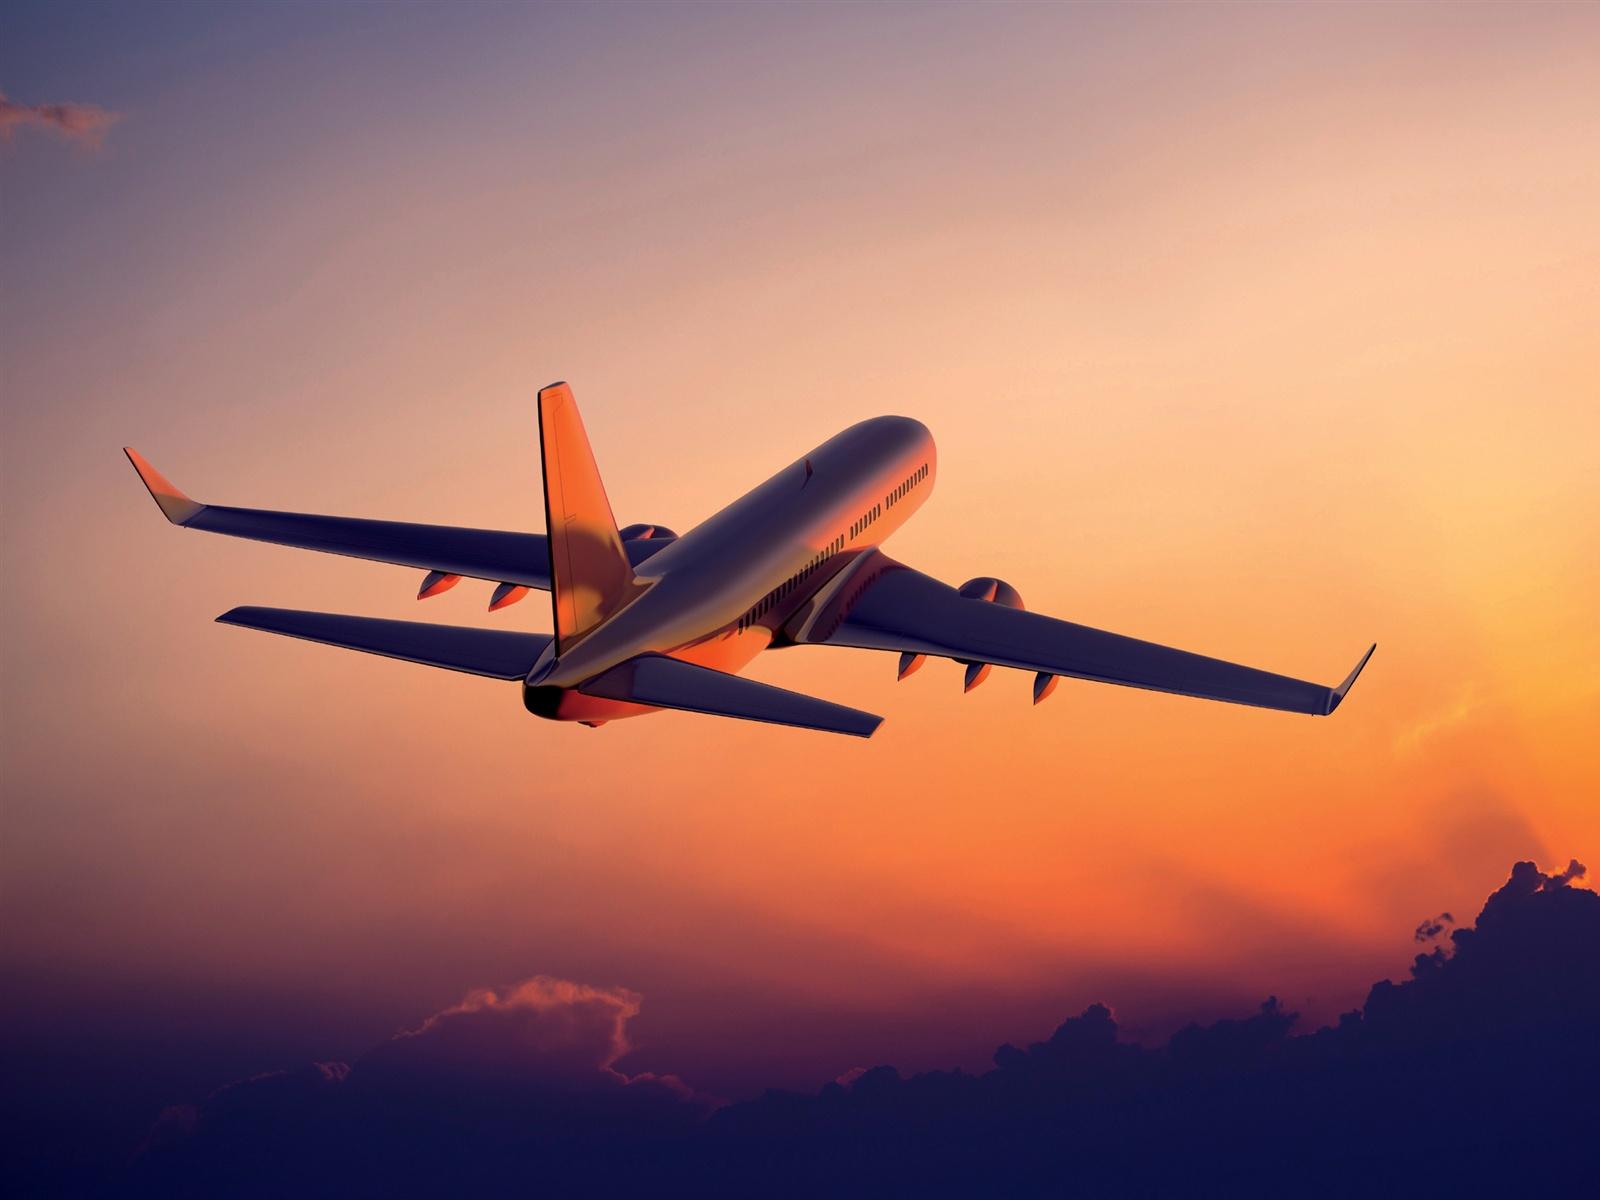 飛行機は日没、旅客機の写真撮影で飛行 壁紙 - 1600x1200   飛行機は日没、旅客機の写